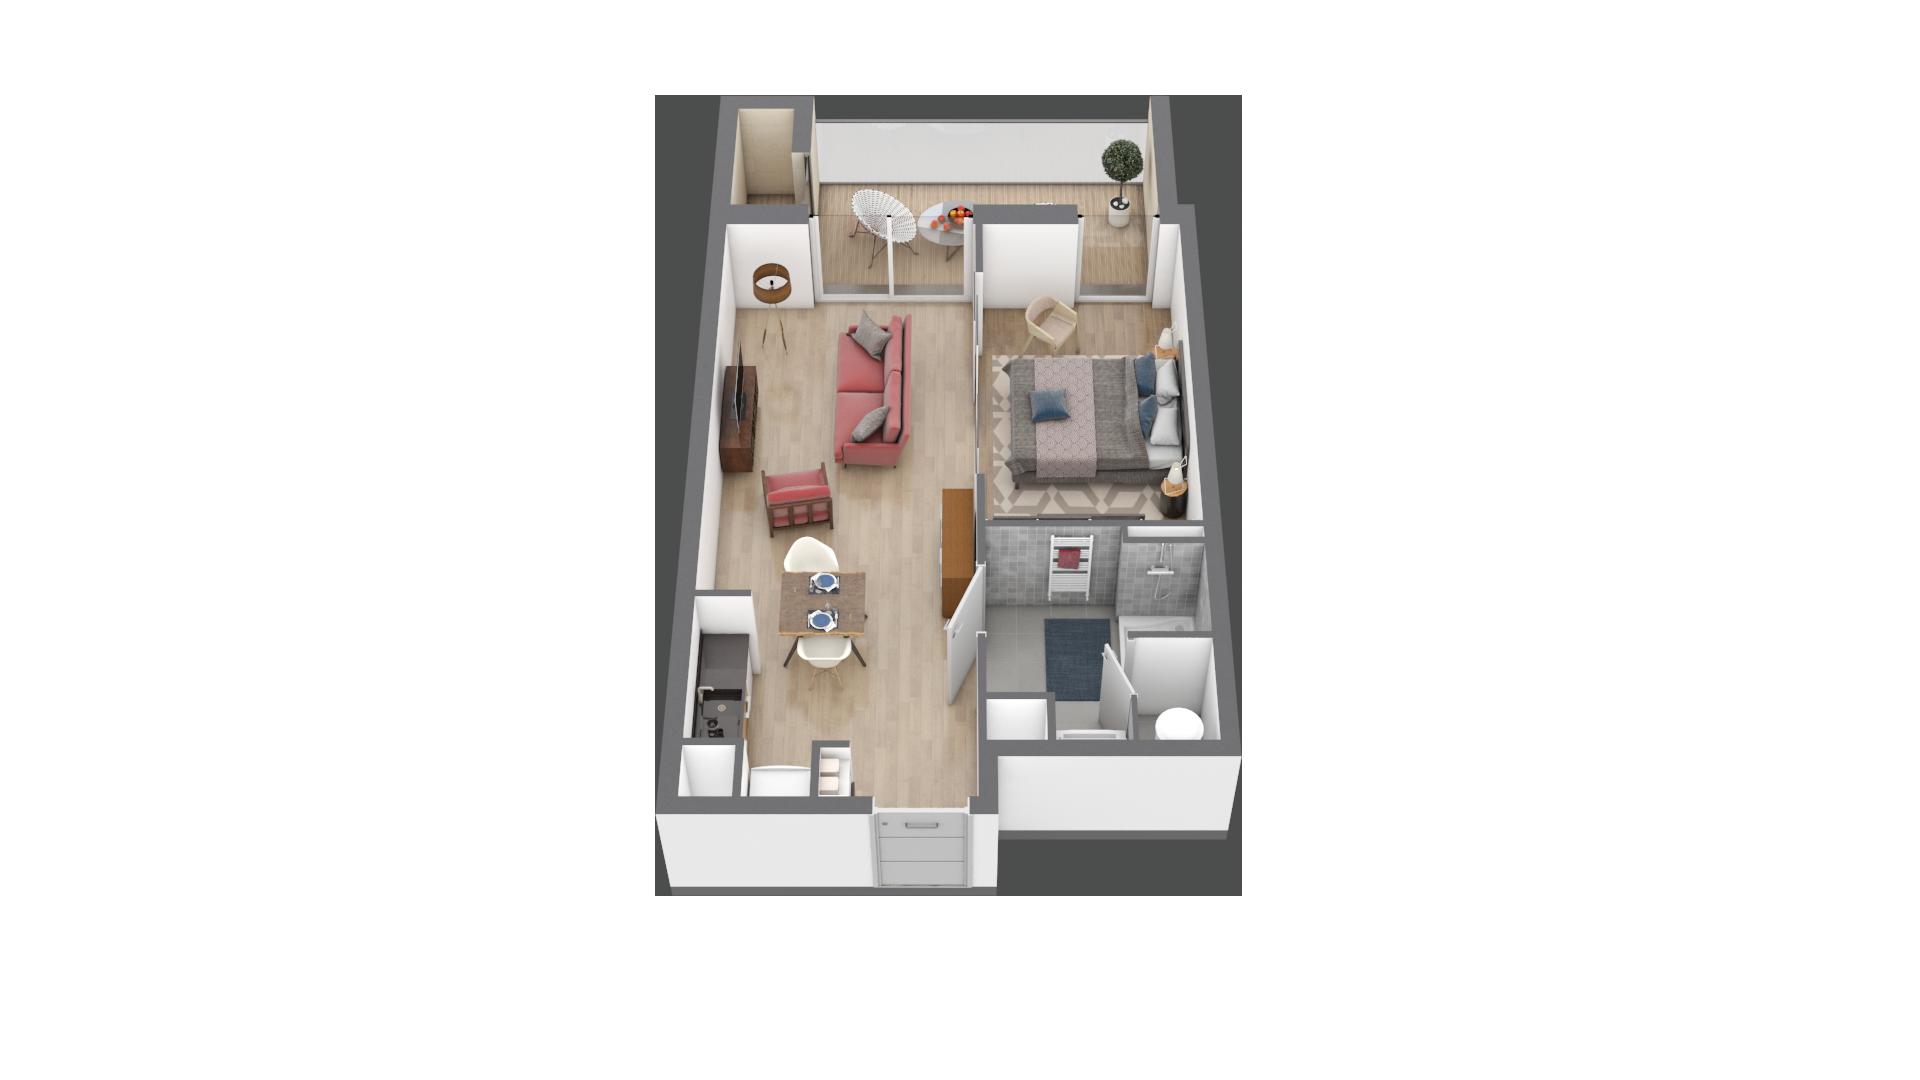 appartement A106 de type T2